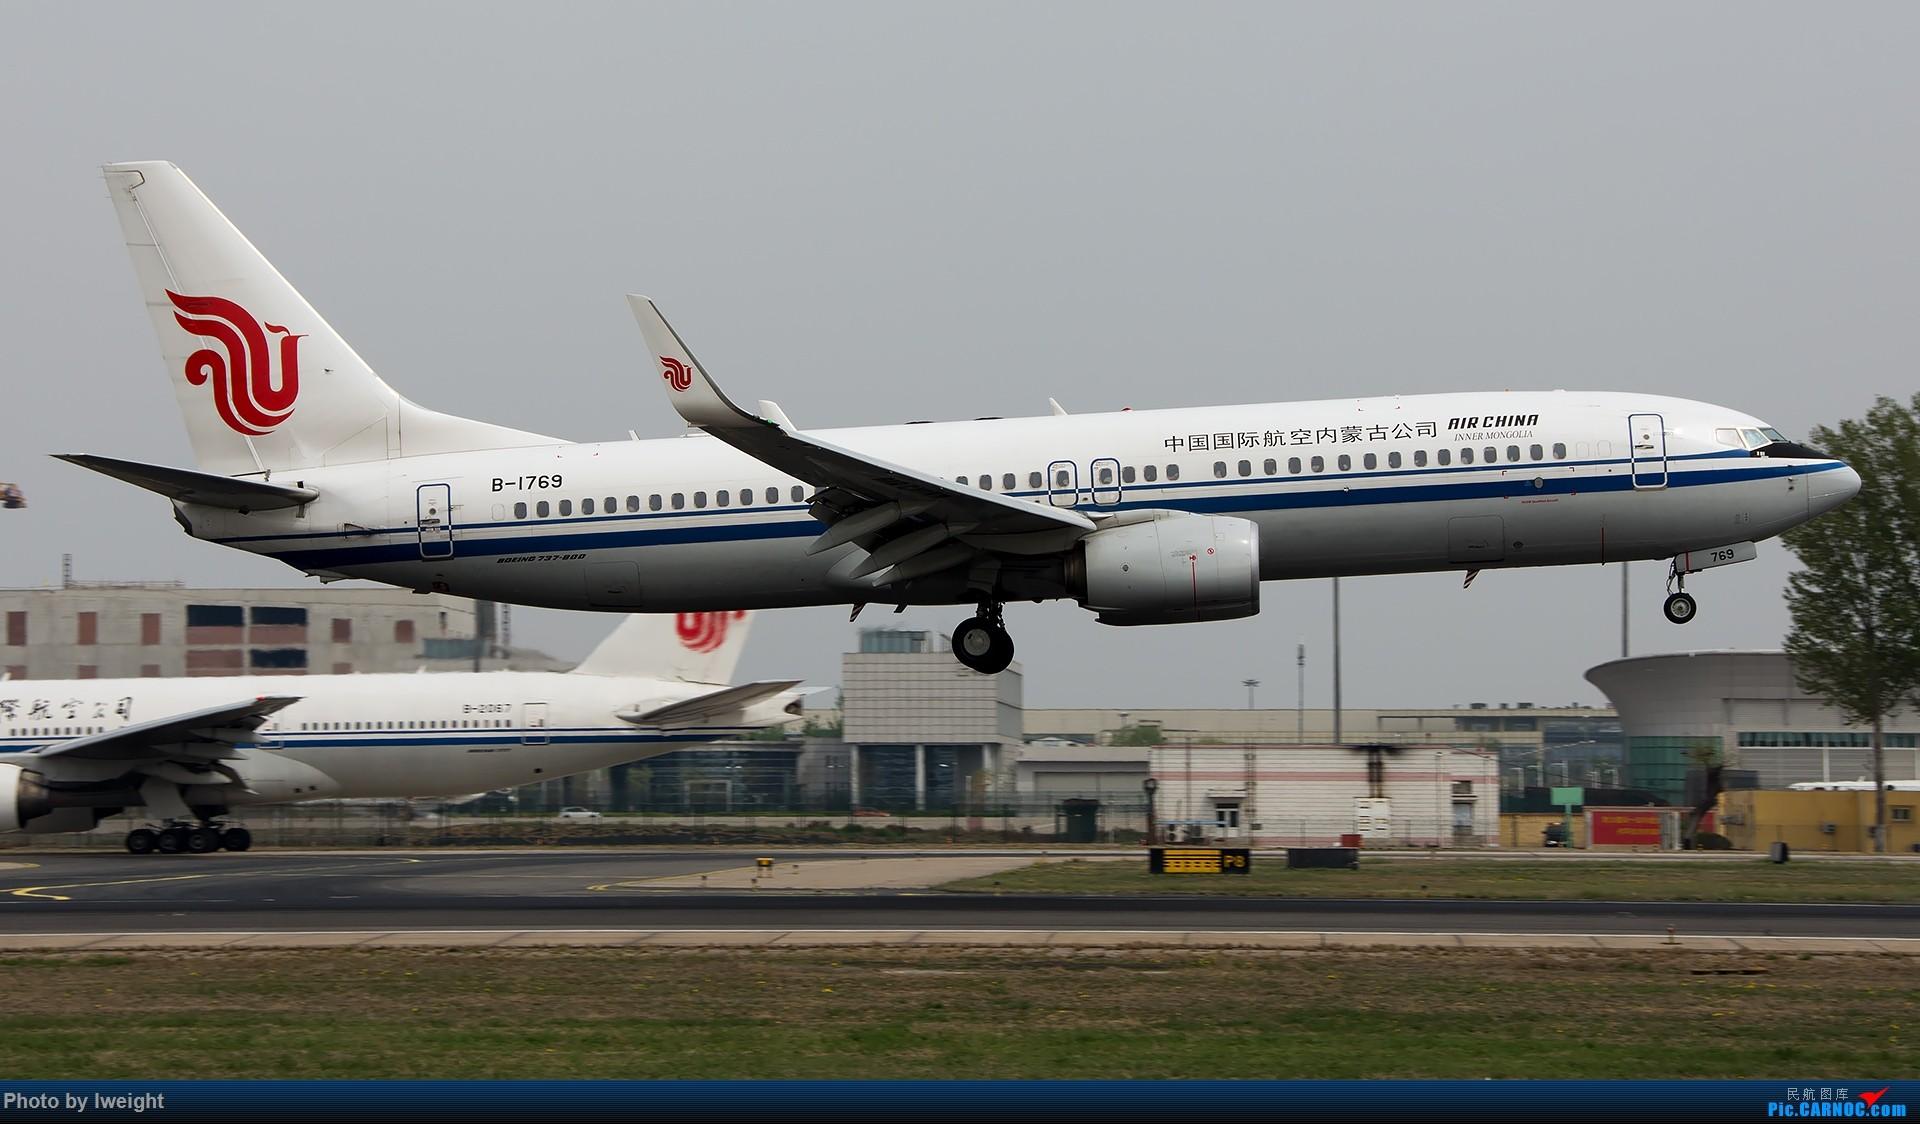 Re:[原创]霾,18R,高密度 BOEING 737-800 B-1769 中国北京首都国际机场